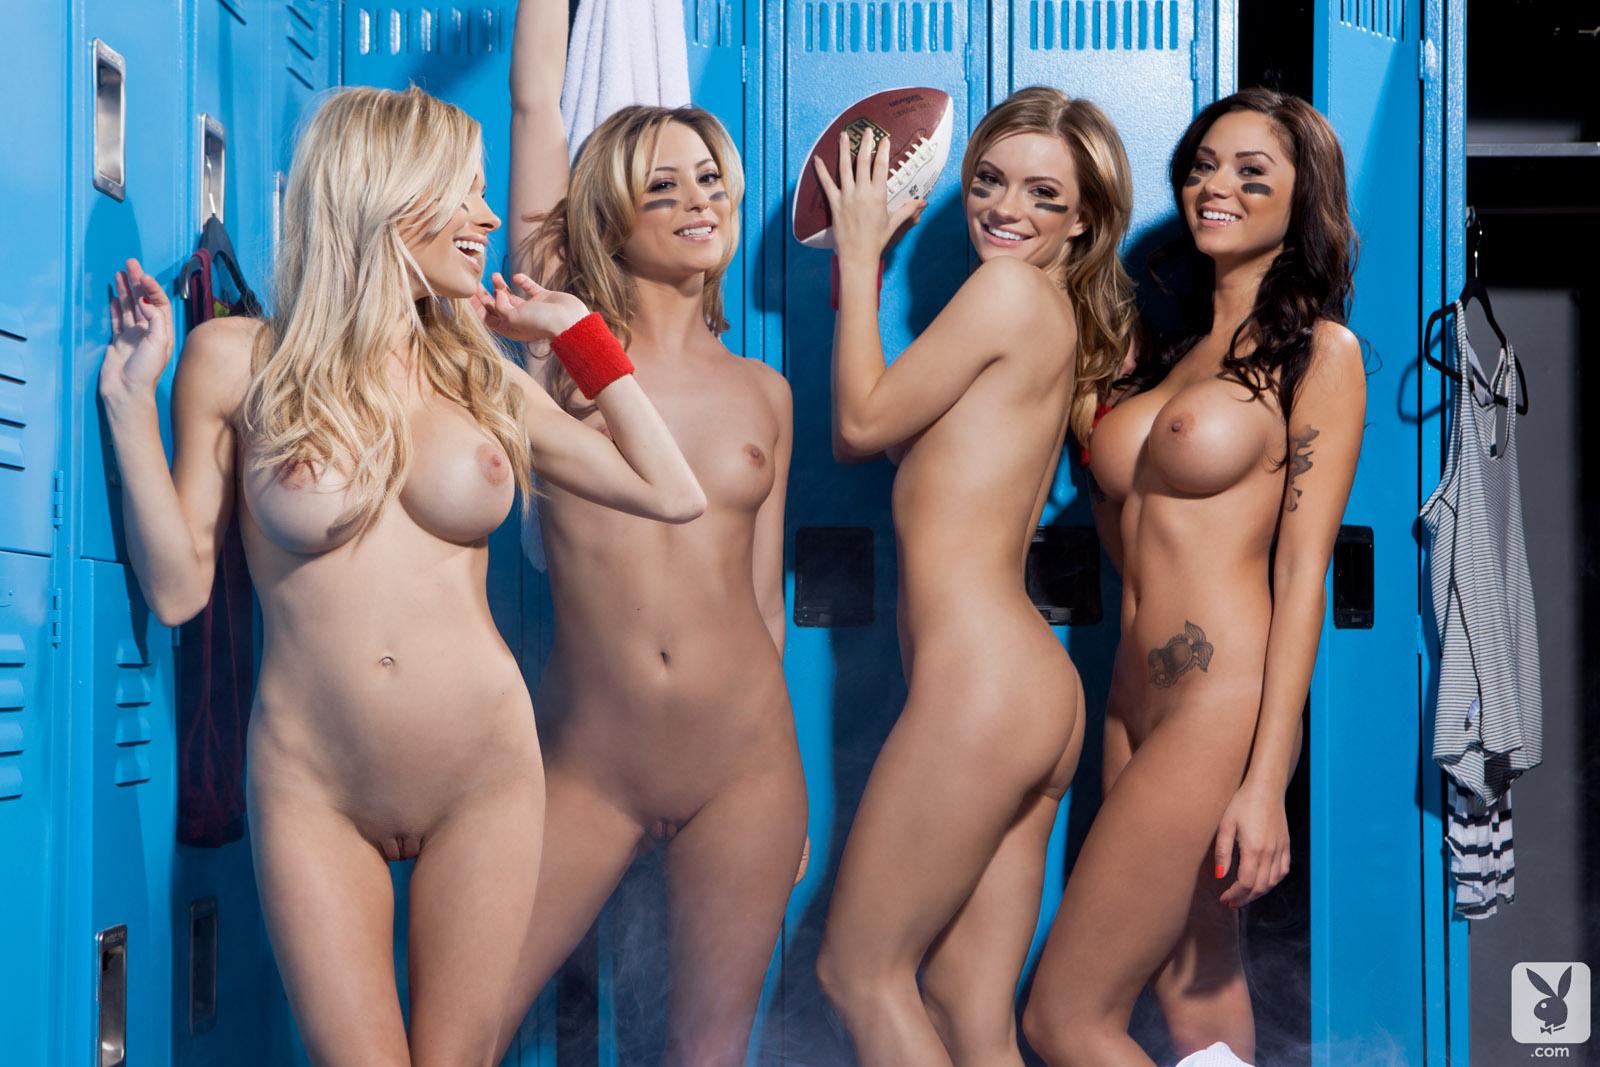 Секси группа поддержки смотреть онлайн 8 фотография